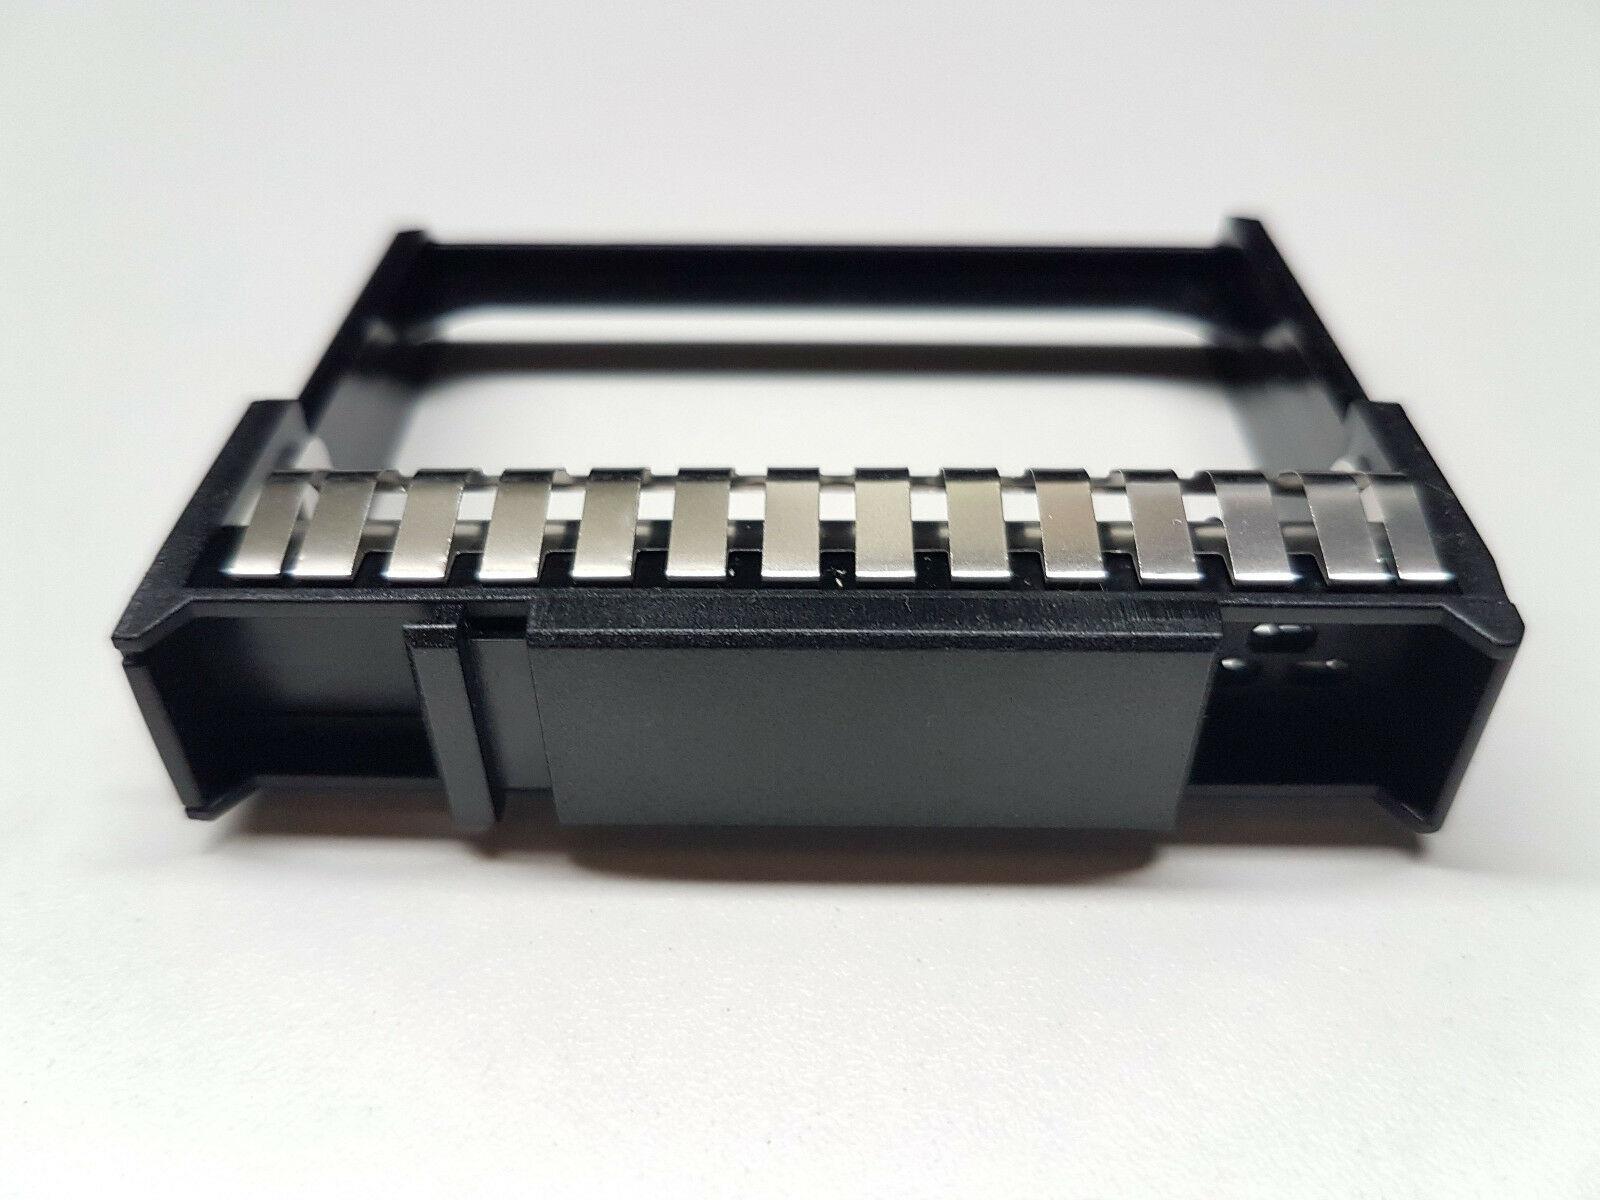 """Masca Bay 2.5"""" HP G8/G9 - imaginea 1"""